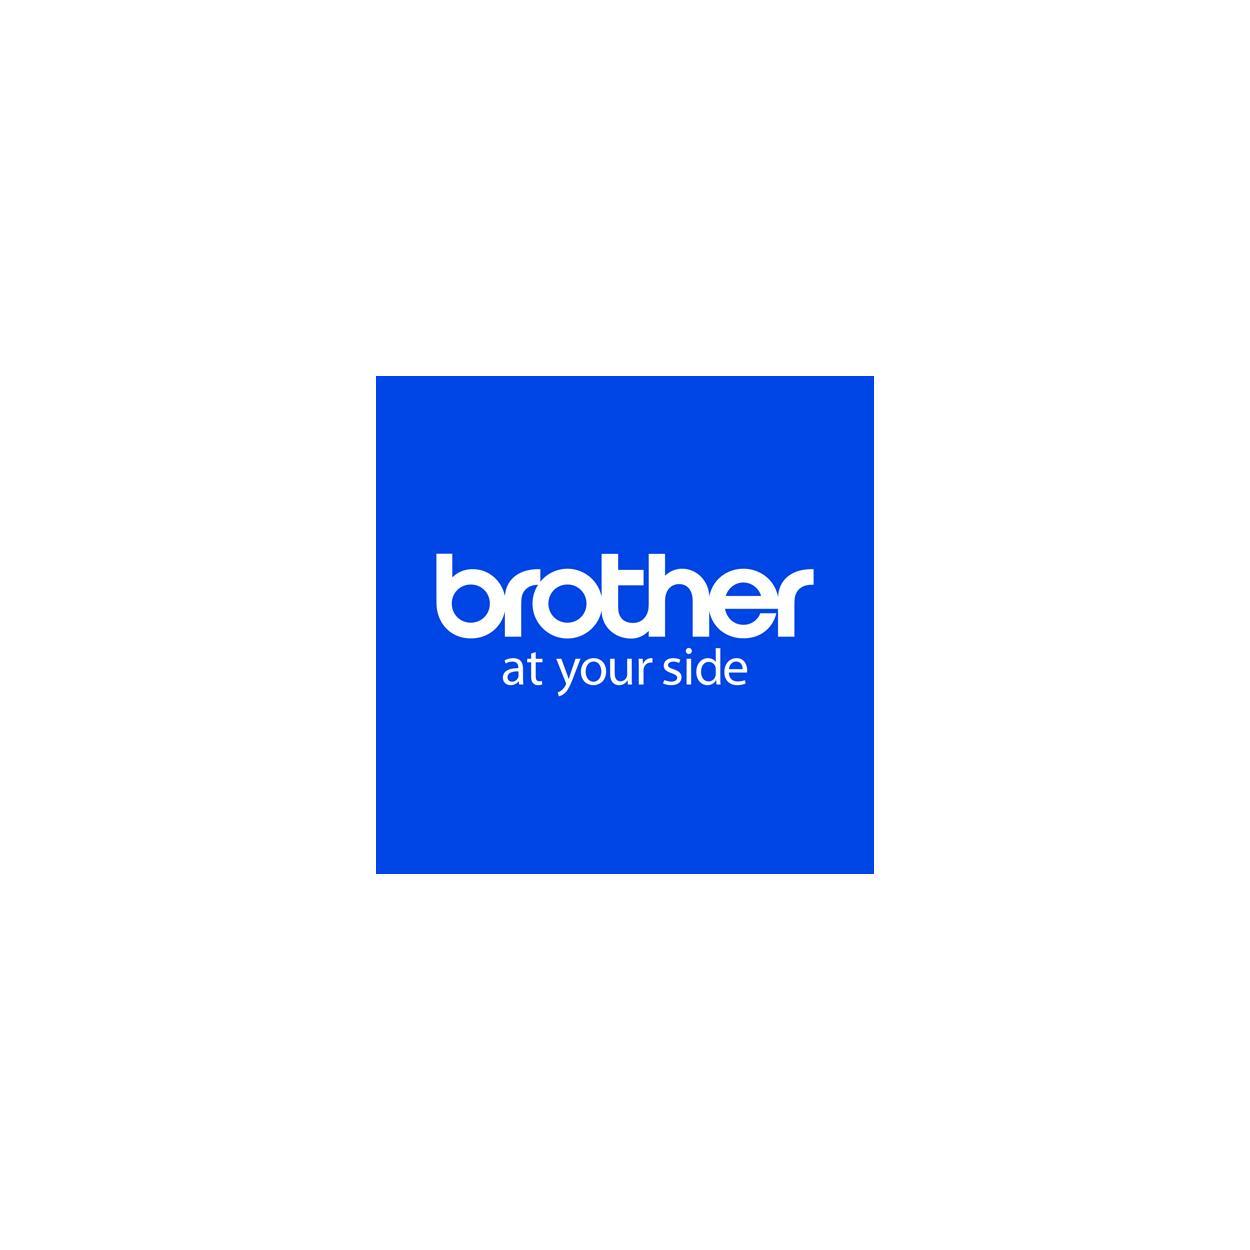 高效稳定 大有可为 兄弟商务多功能一体机系列导购